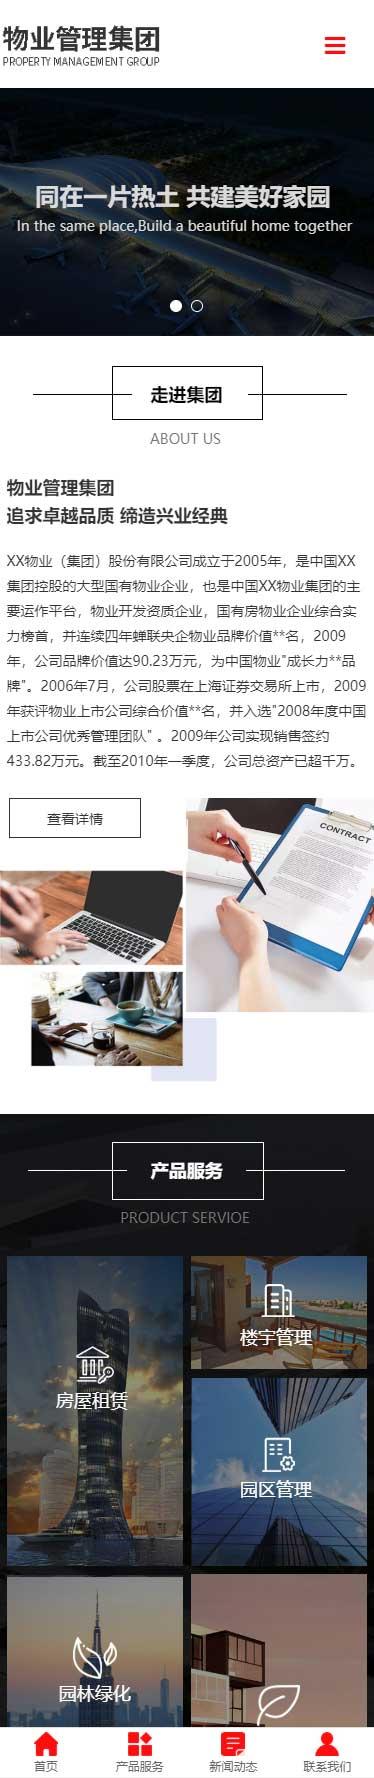 物业管理集团小程序展示模板